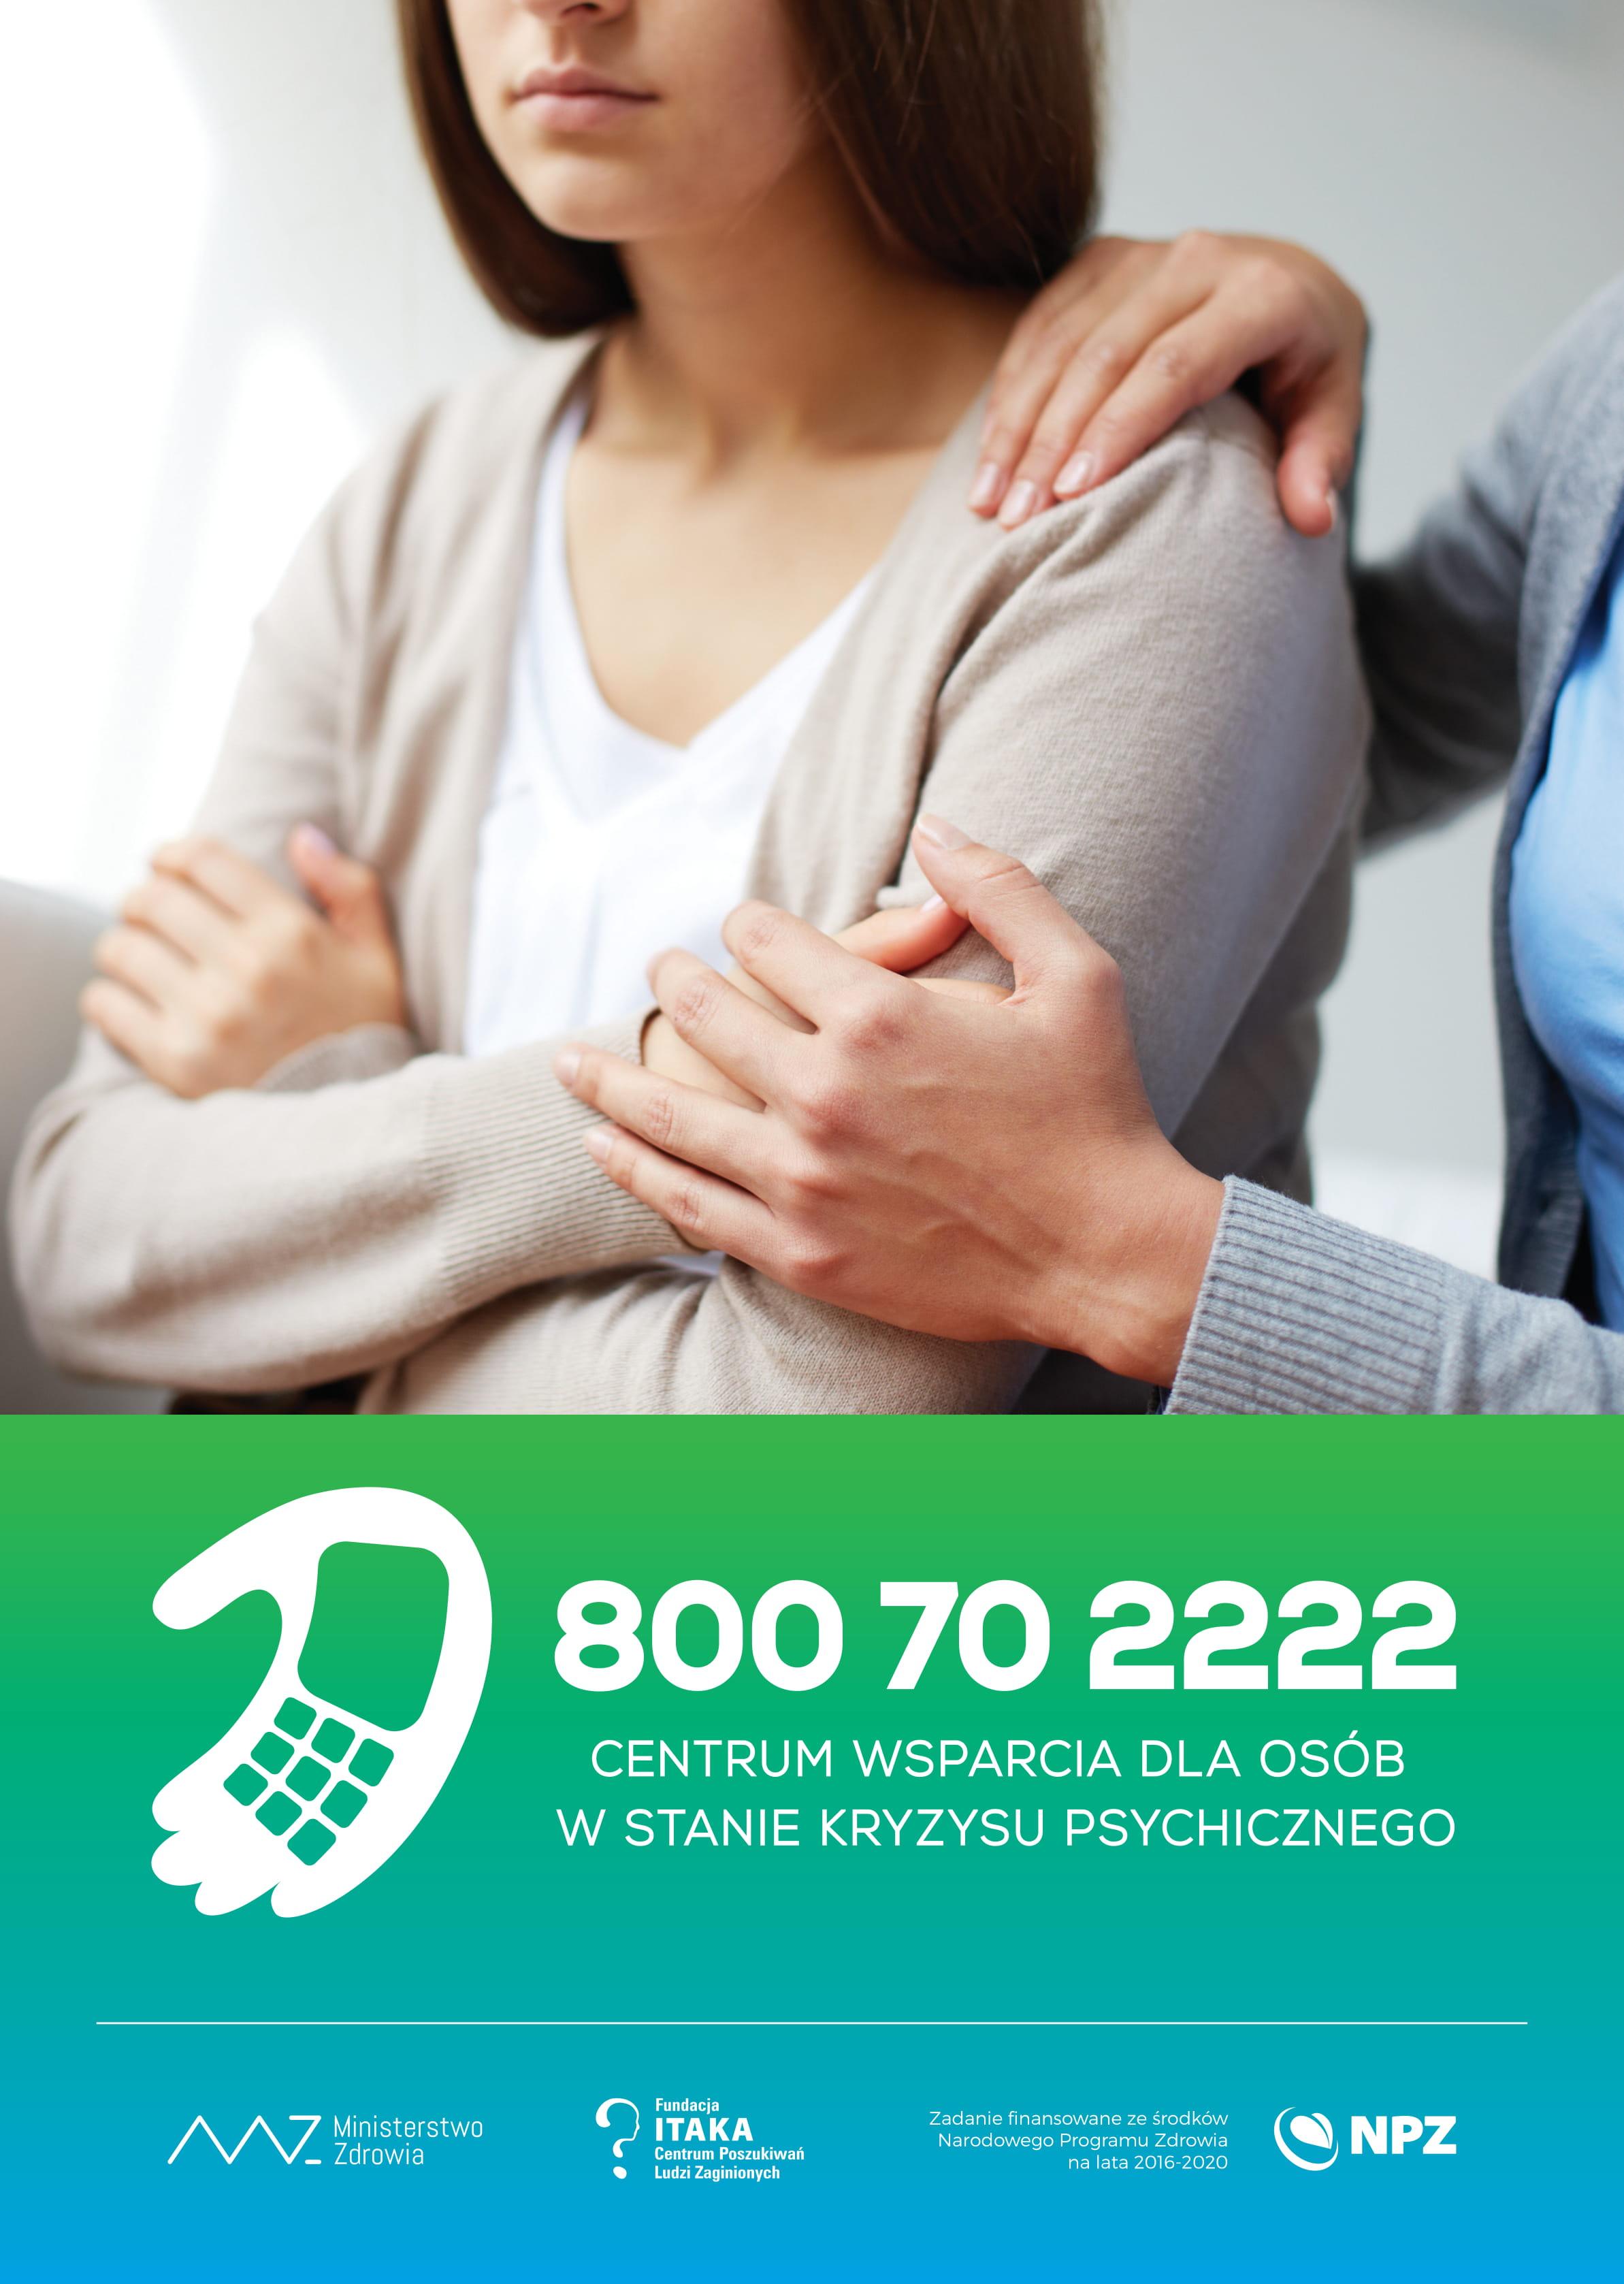 Ilustracja do informacji: Centrum Wsparcia Dla Osób w Stanie Kryzysu Psychicznego